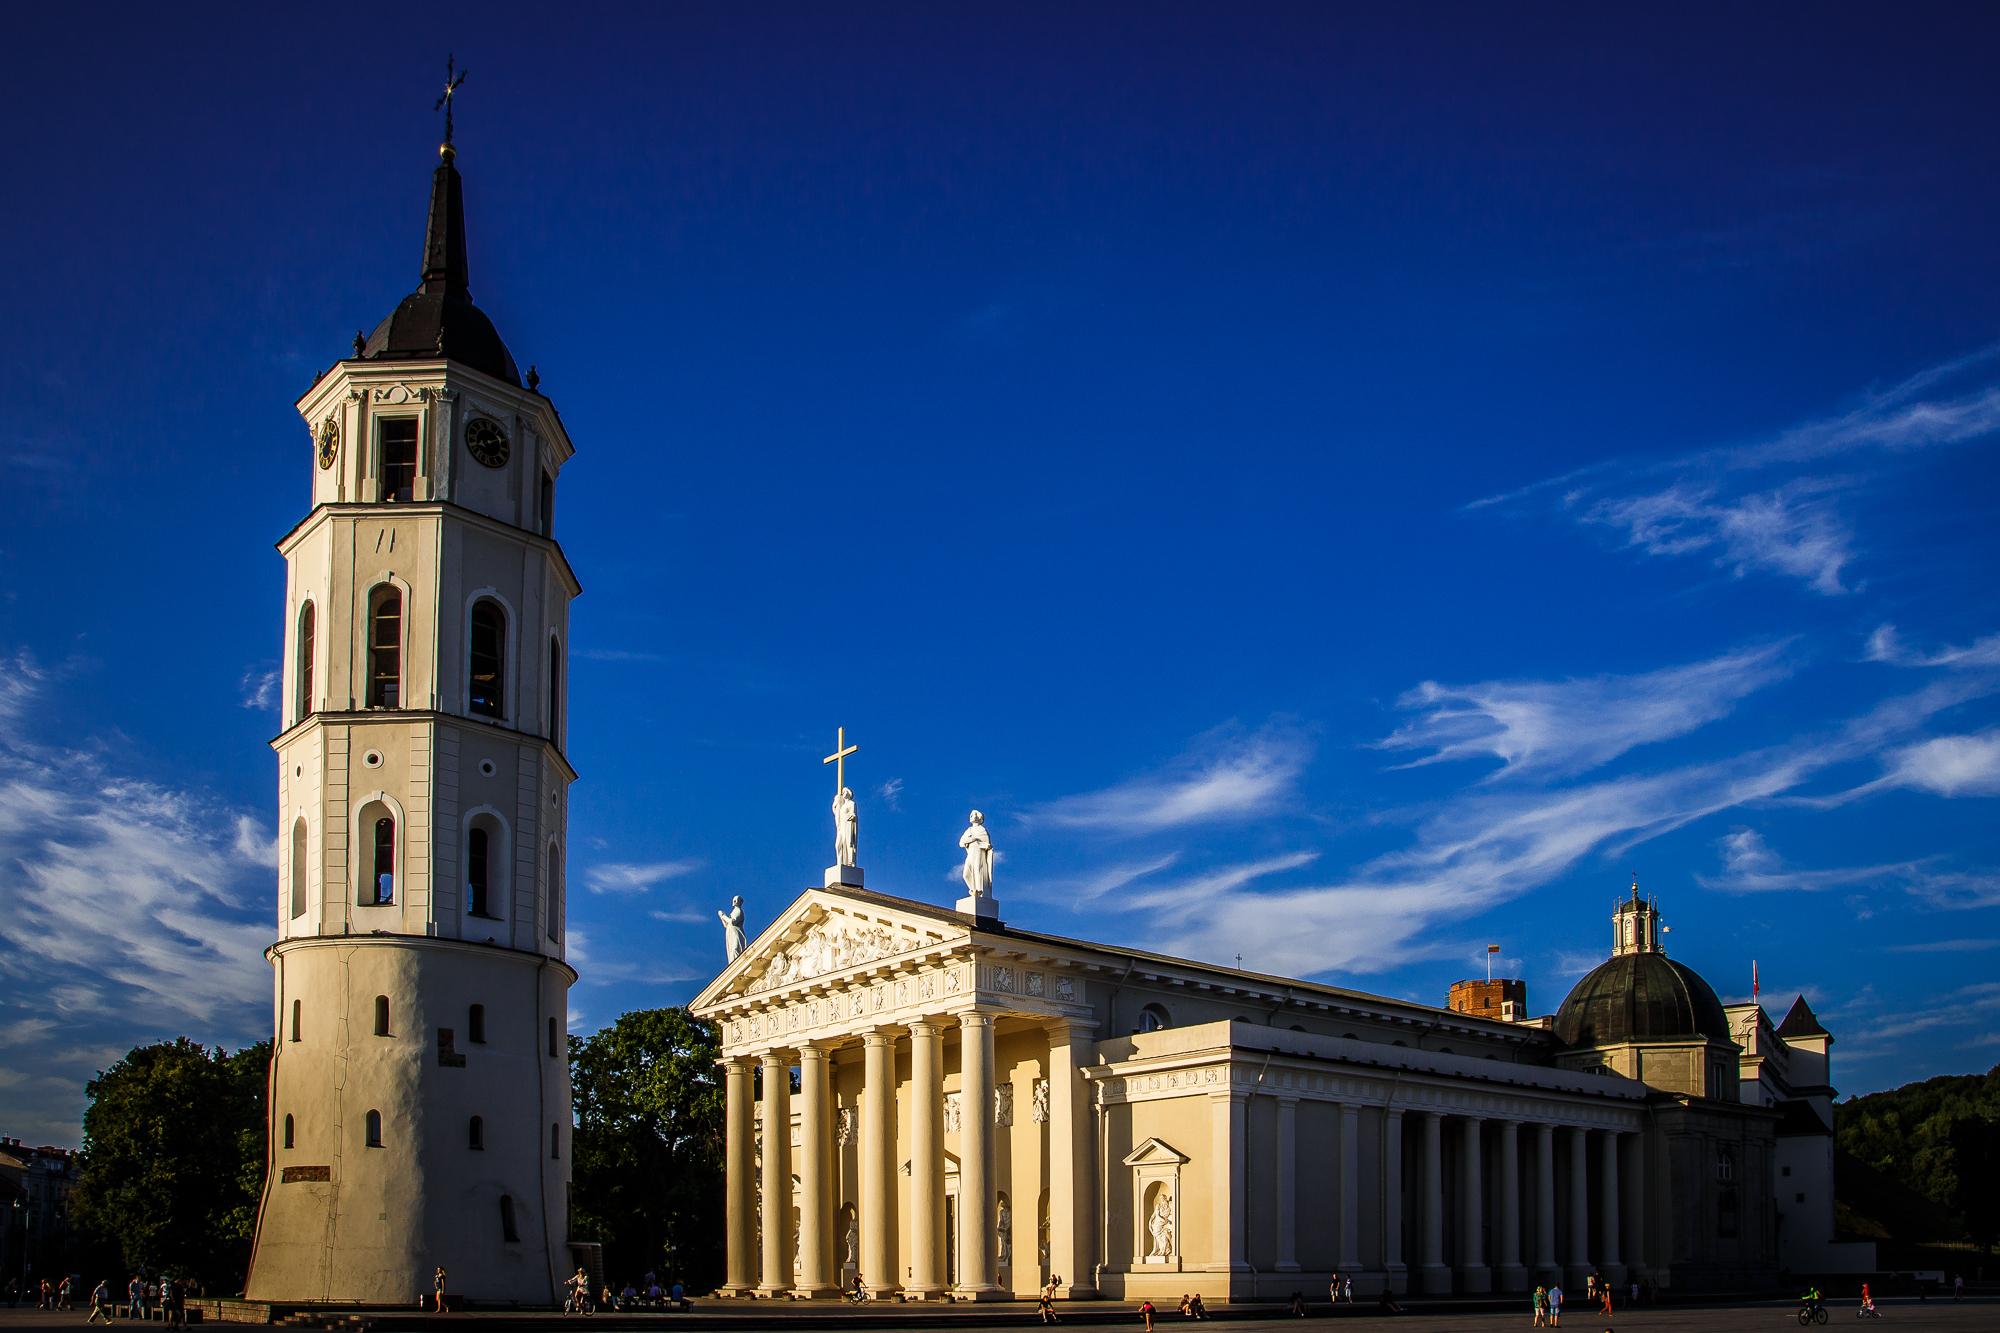 Vilnius Cathedral Via @Atisgailis